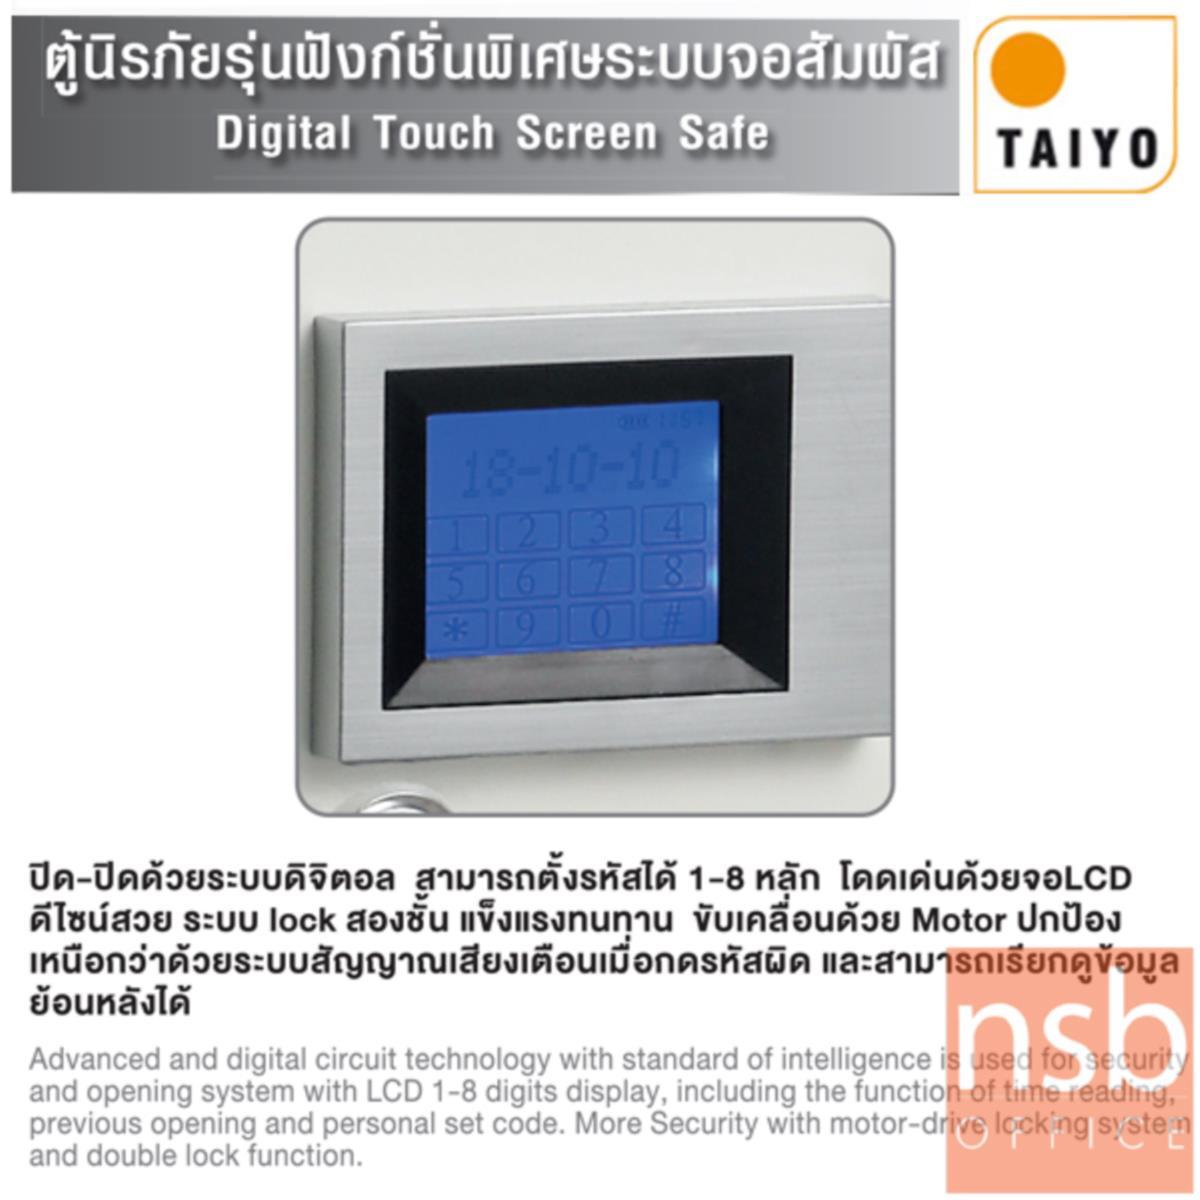 ตู้เซฟดิจิตอลทัชสกรีน 51 กก. TAIYO Touch screen DTS 512 K1D มอก.